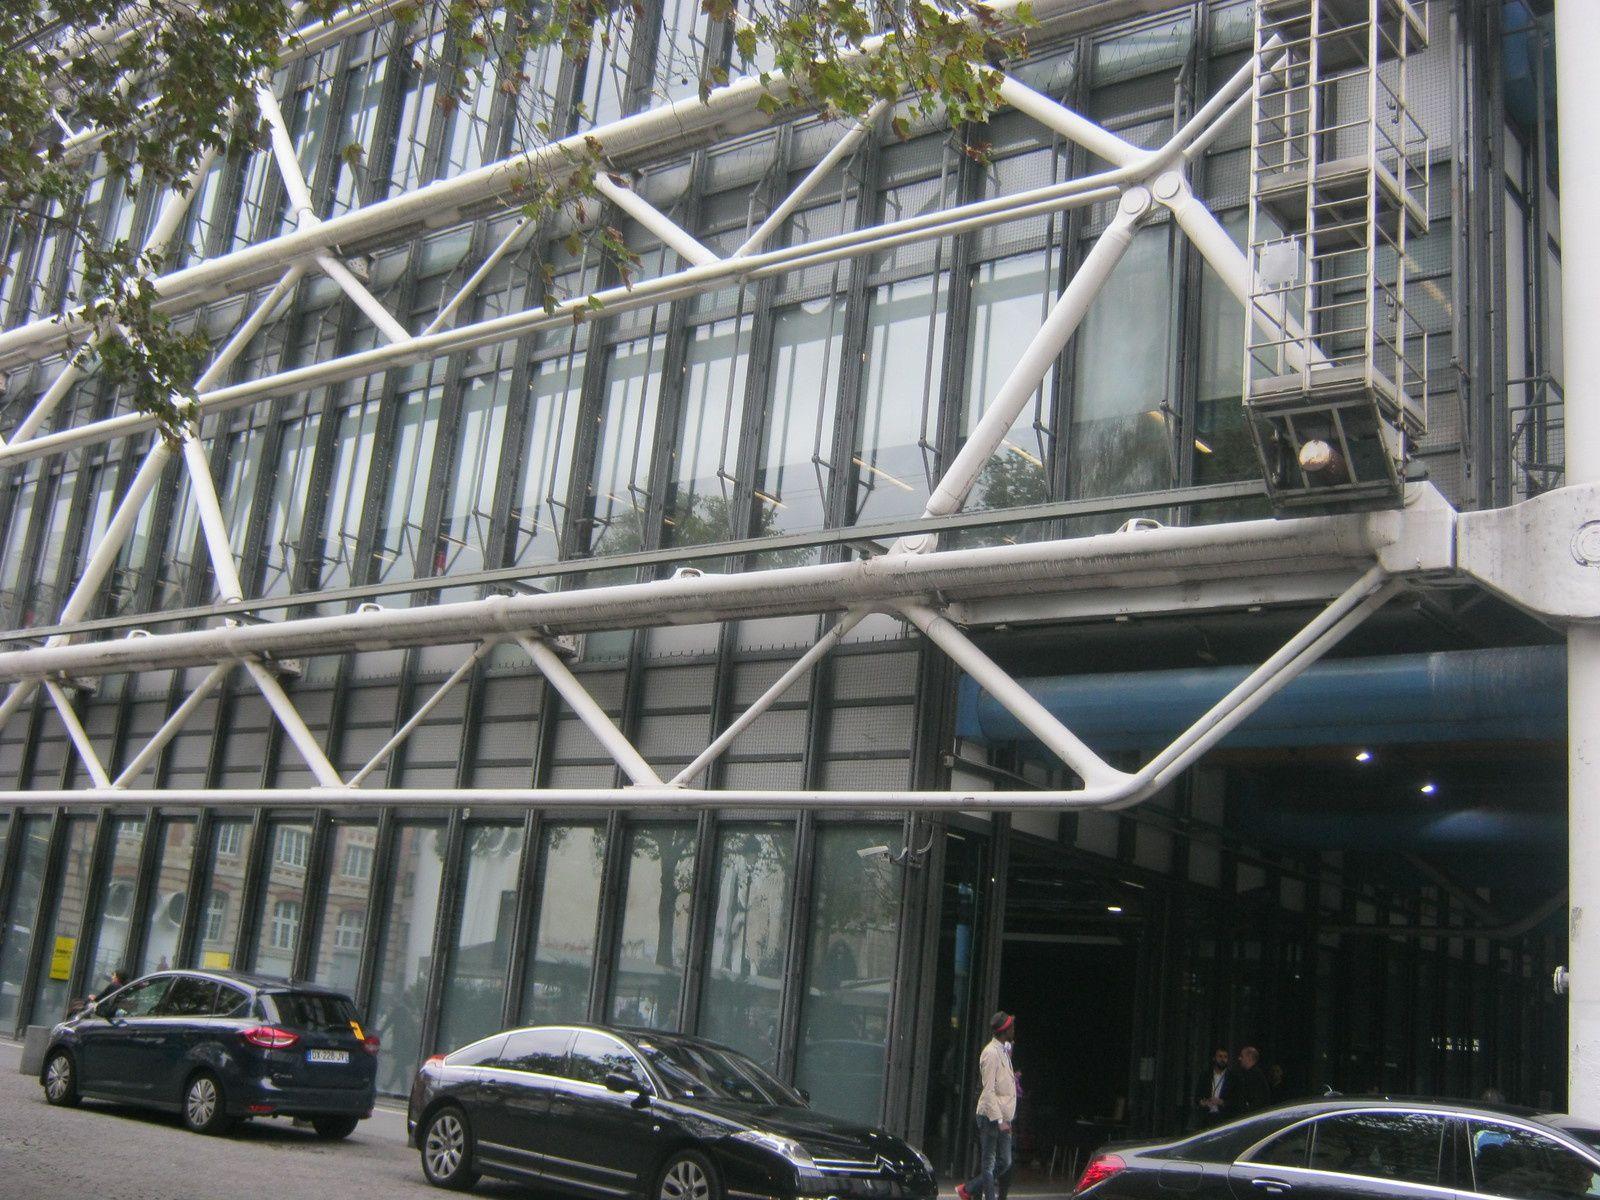 nous arrivons à Beaubourg Centre Georges Pompidou